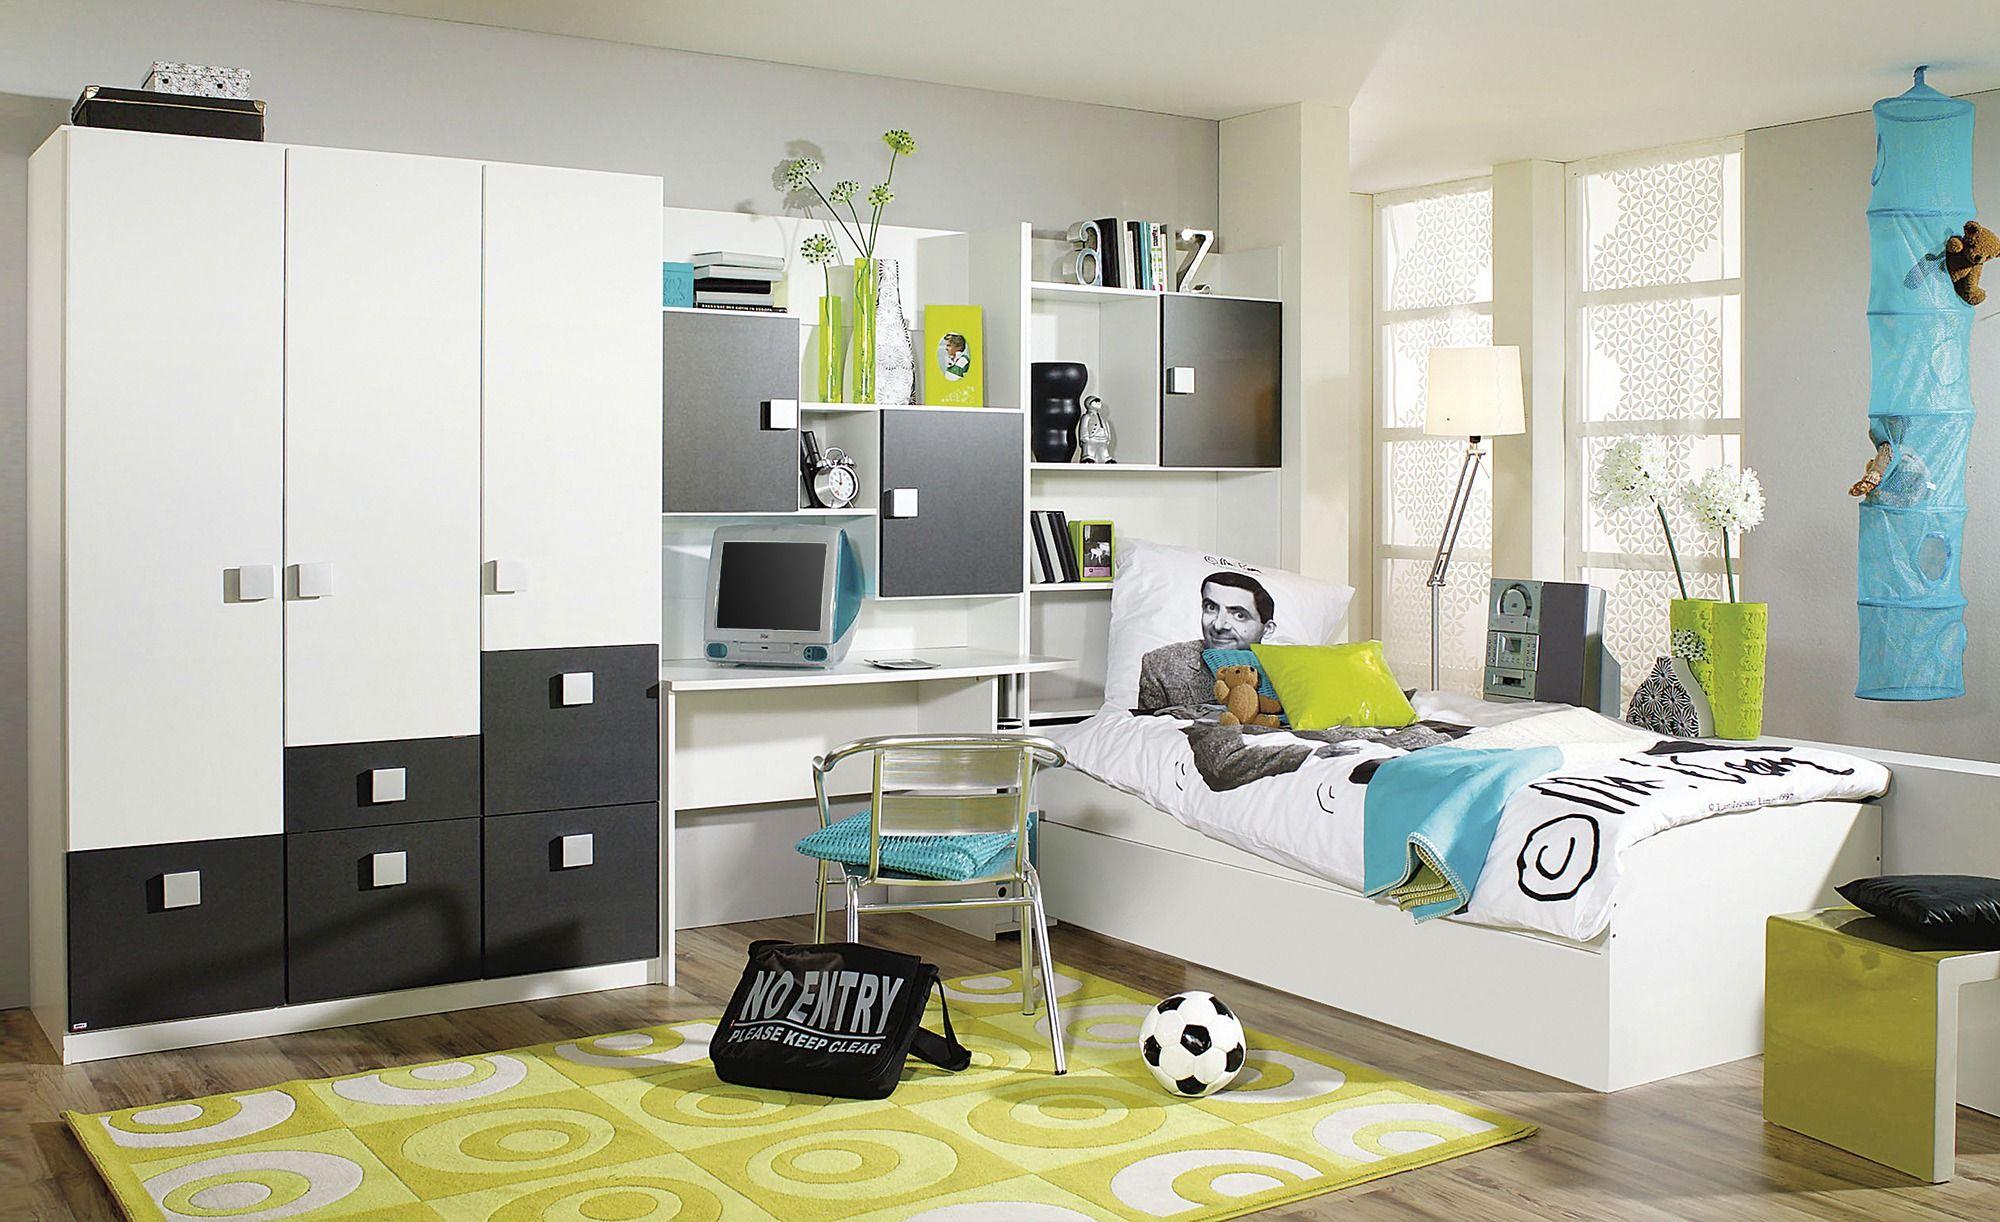 Full Size of Jugendzimmer Ikea Mbel Gnstig Komplett Nazarm Sofa Miniküche Betten Bei Modulküche Küche Kosten Mit Schlaffunktion Bett Kaufen 160x200 Wohnzimmer Jugendzimmer Ikea